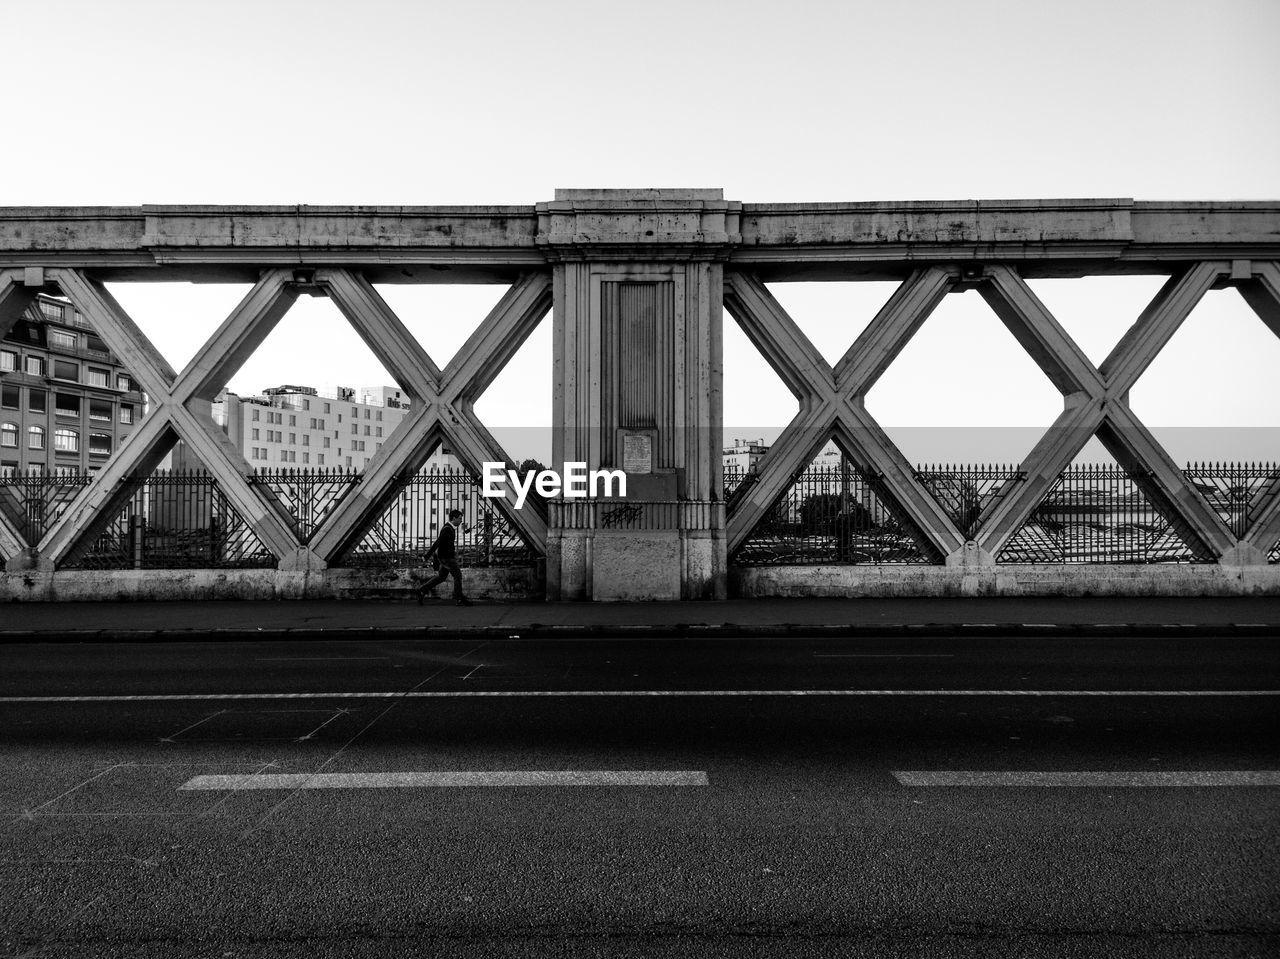 Man walking on bridge against sky